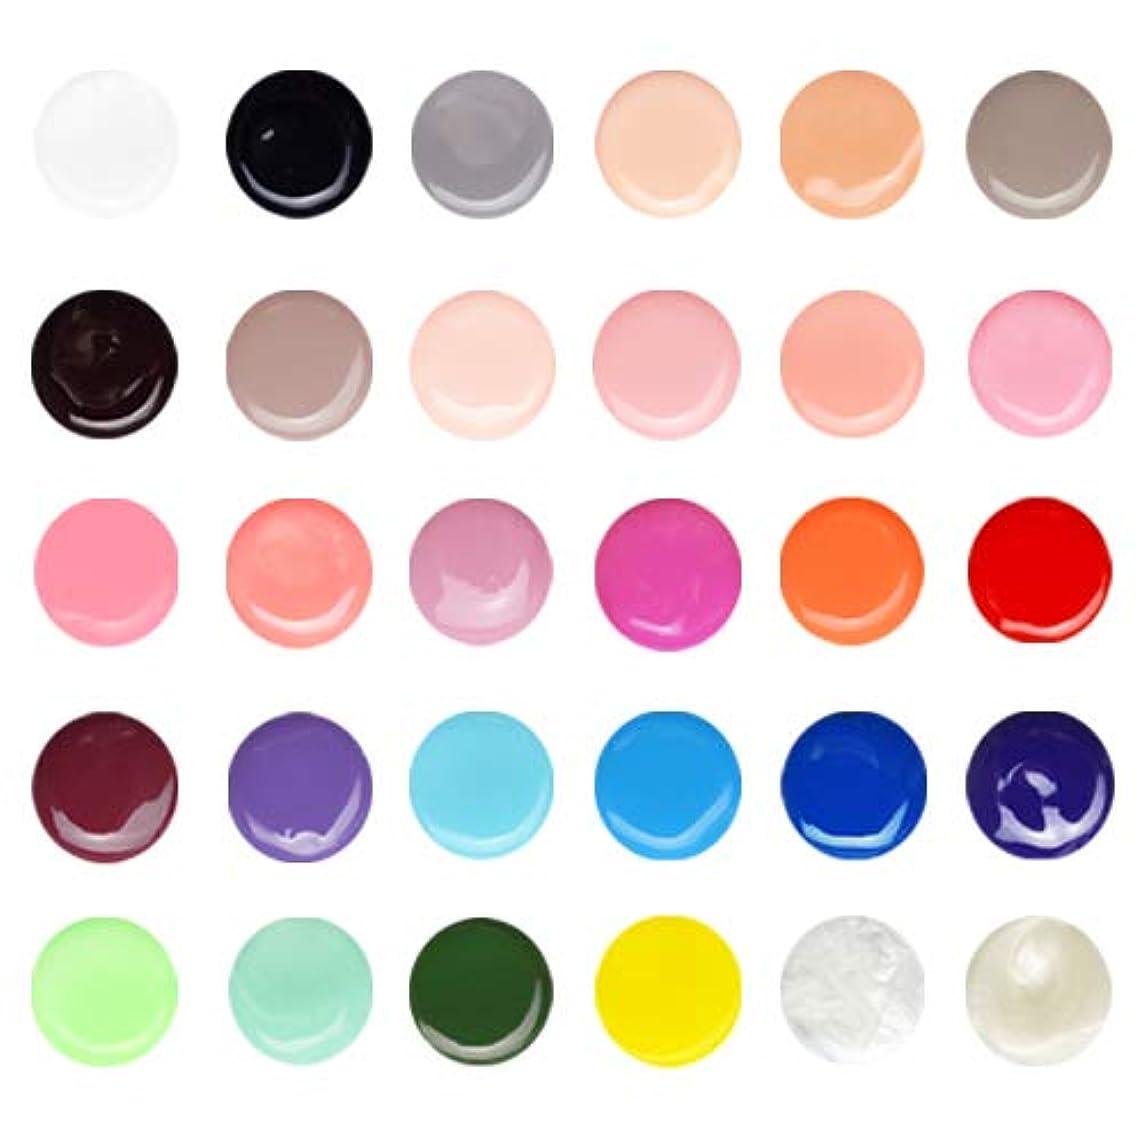 修士号咳ディスカウントiro gel (イロジェル) ネイルタウンジェル ジェルネイル 30色セット ソークオフタイプ [ 3g × 30色 ] [並行輸入品]